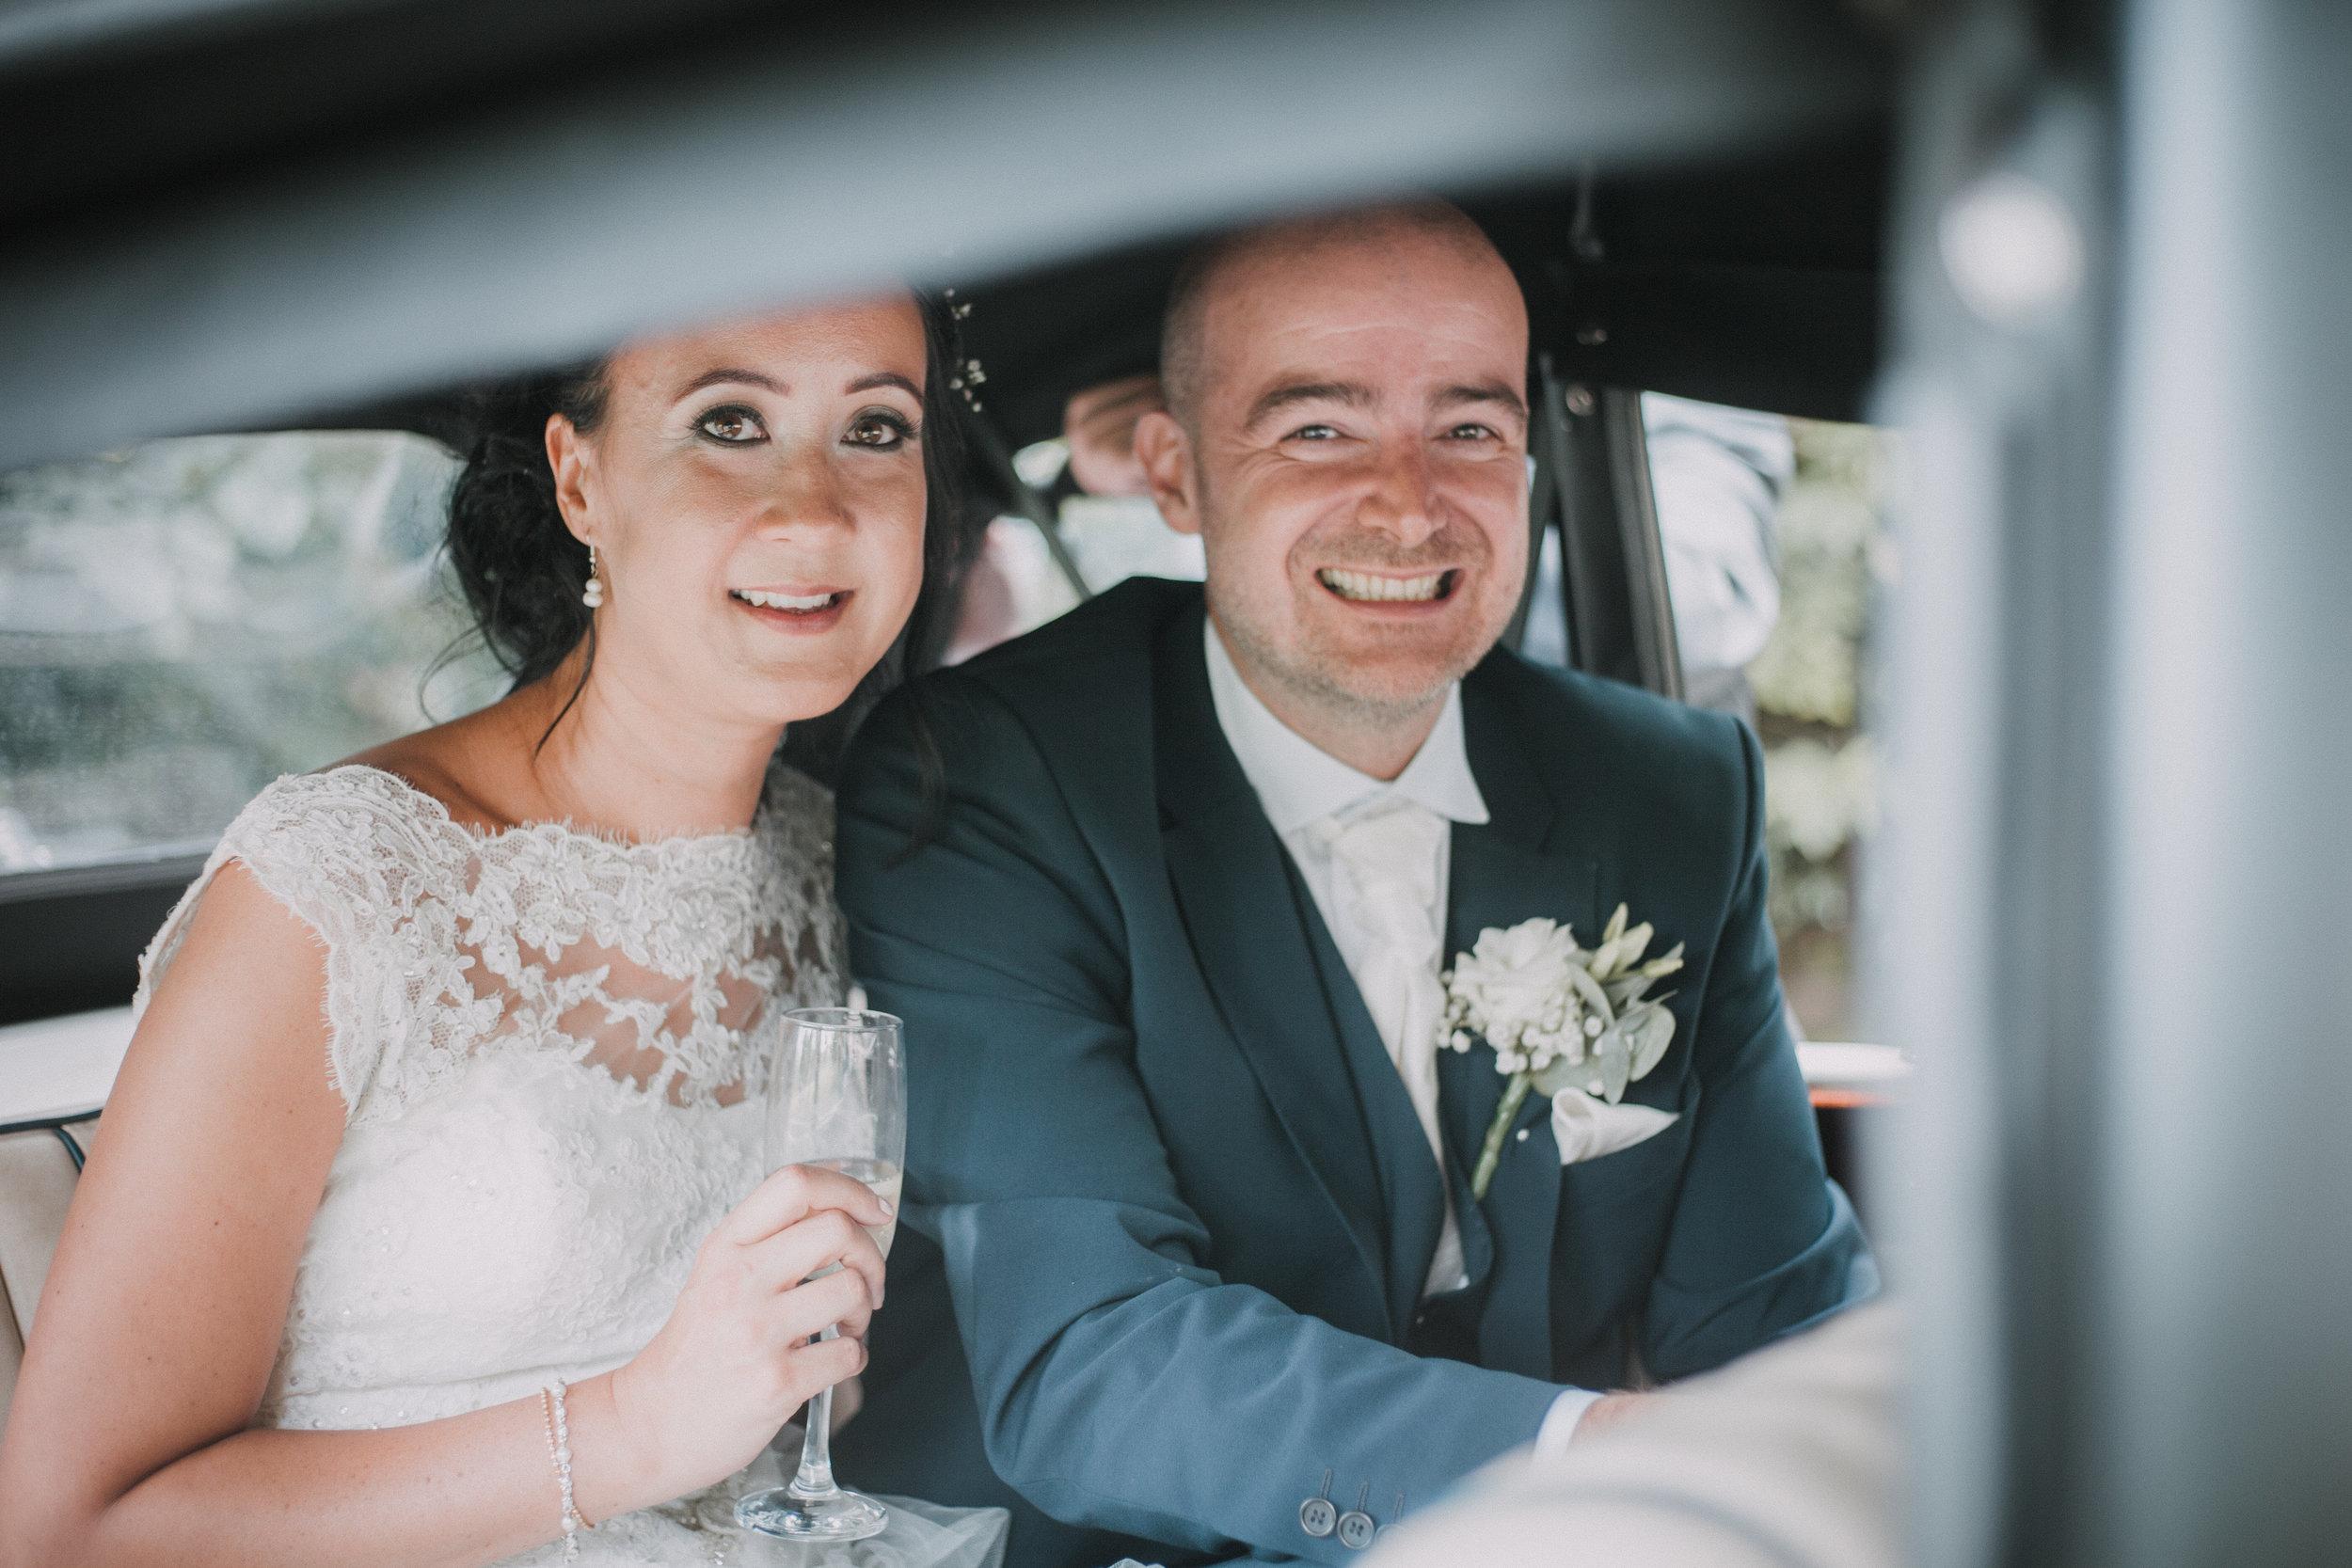 Krissi and Paul - Worsley Courthouse wedding, Lancashire.